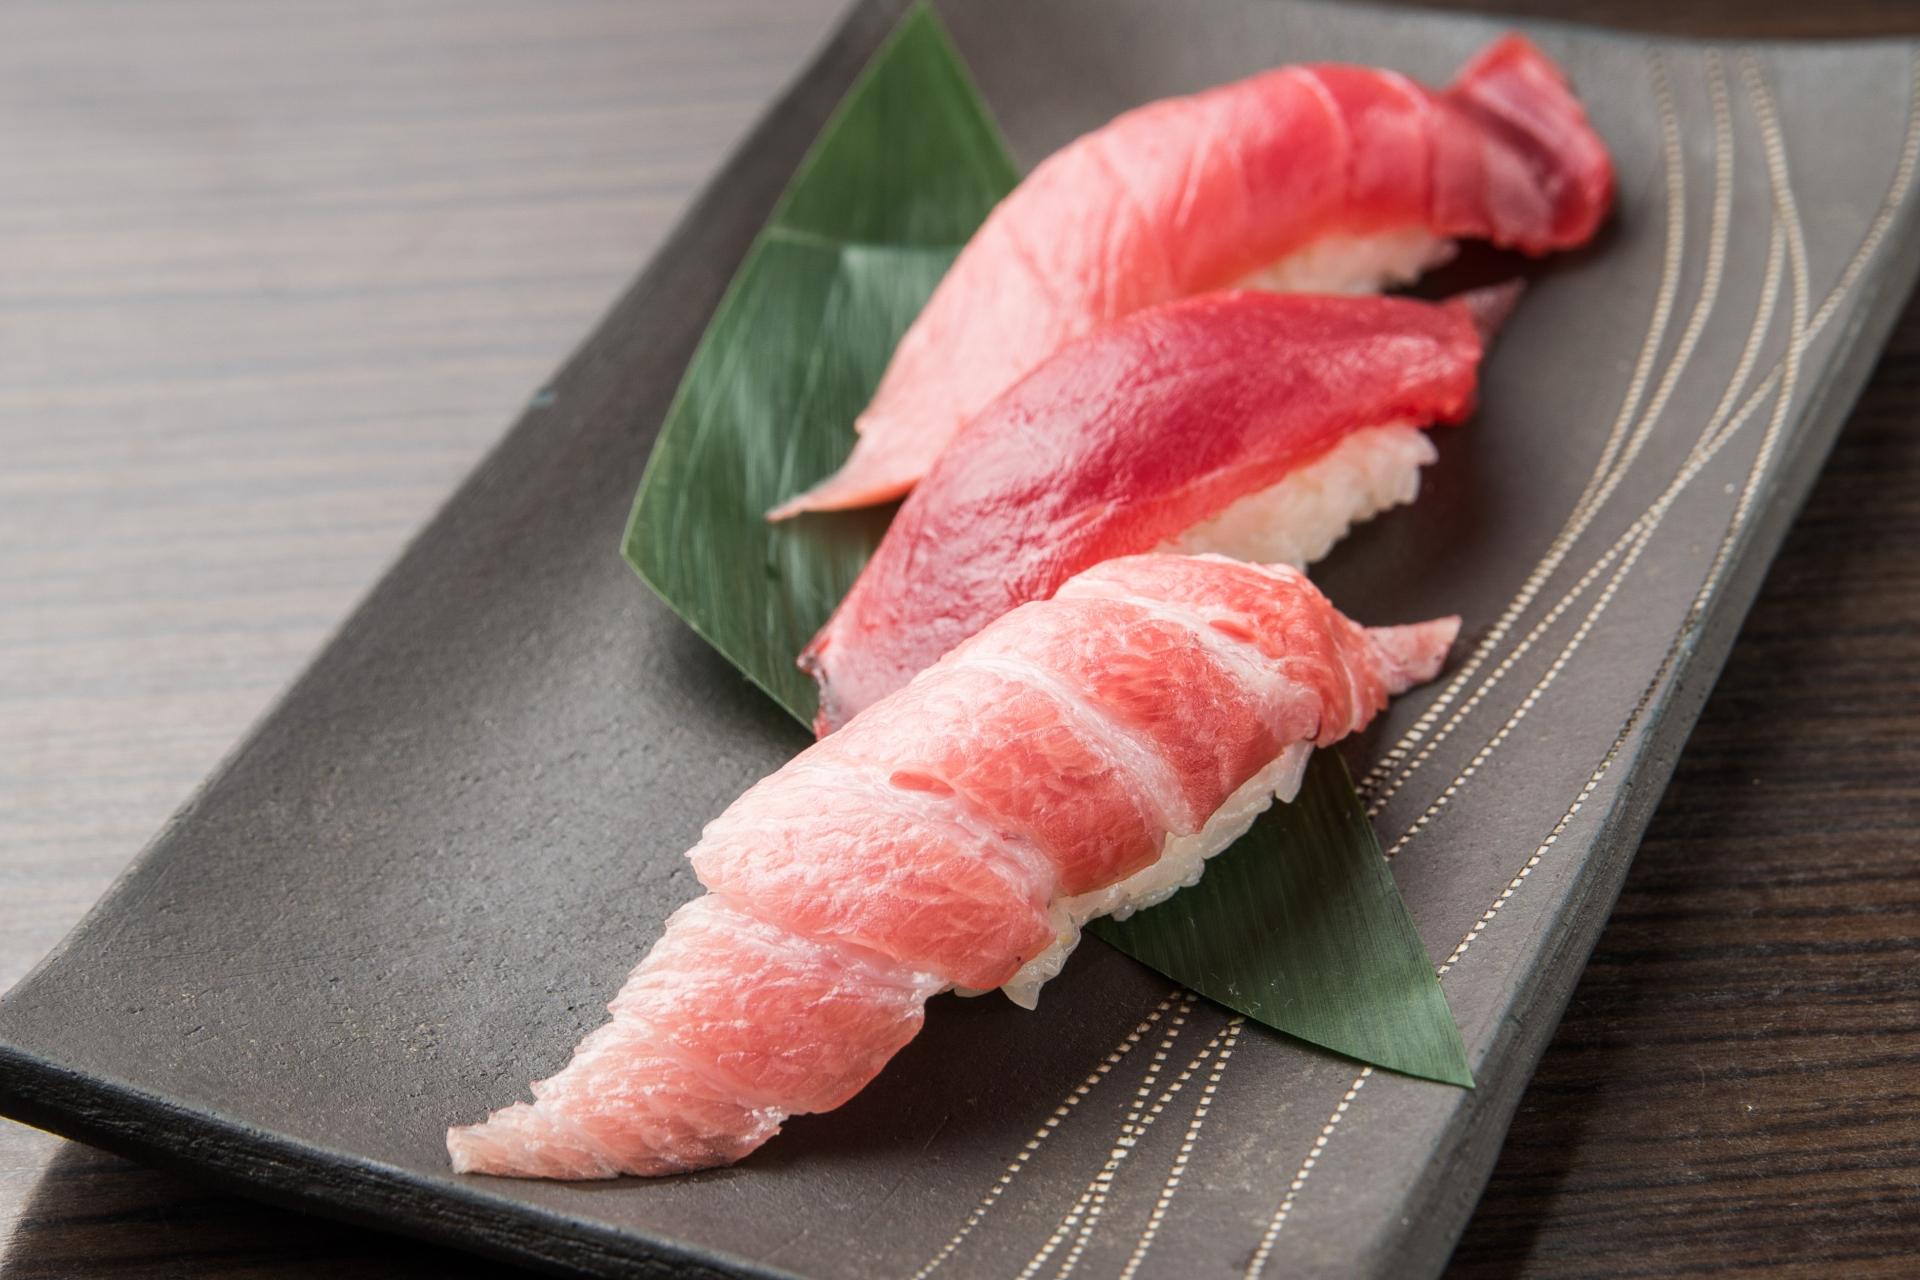 ニヤニヤが高級寿司に変わる